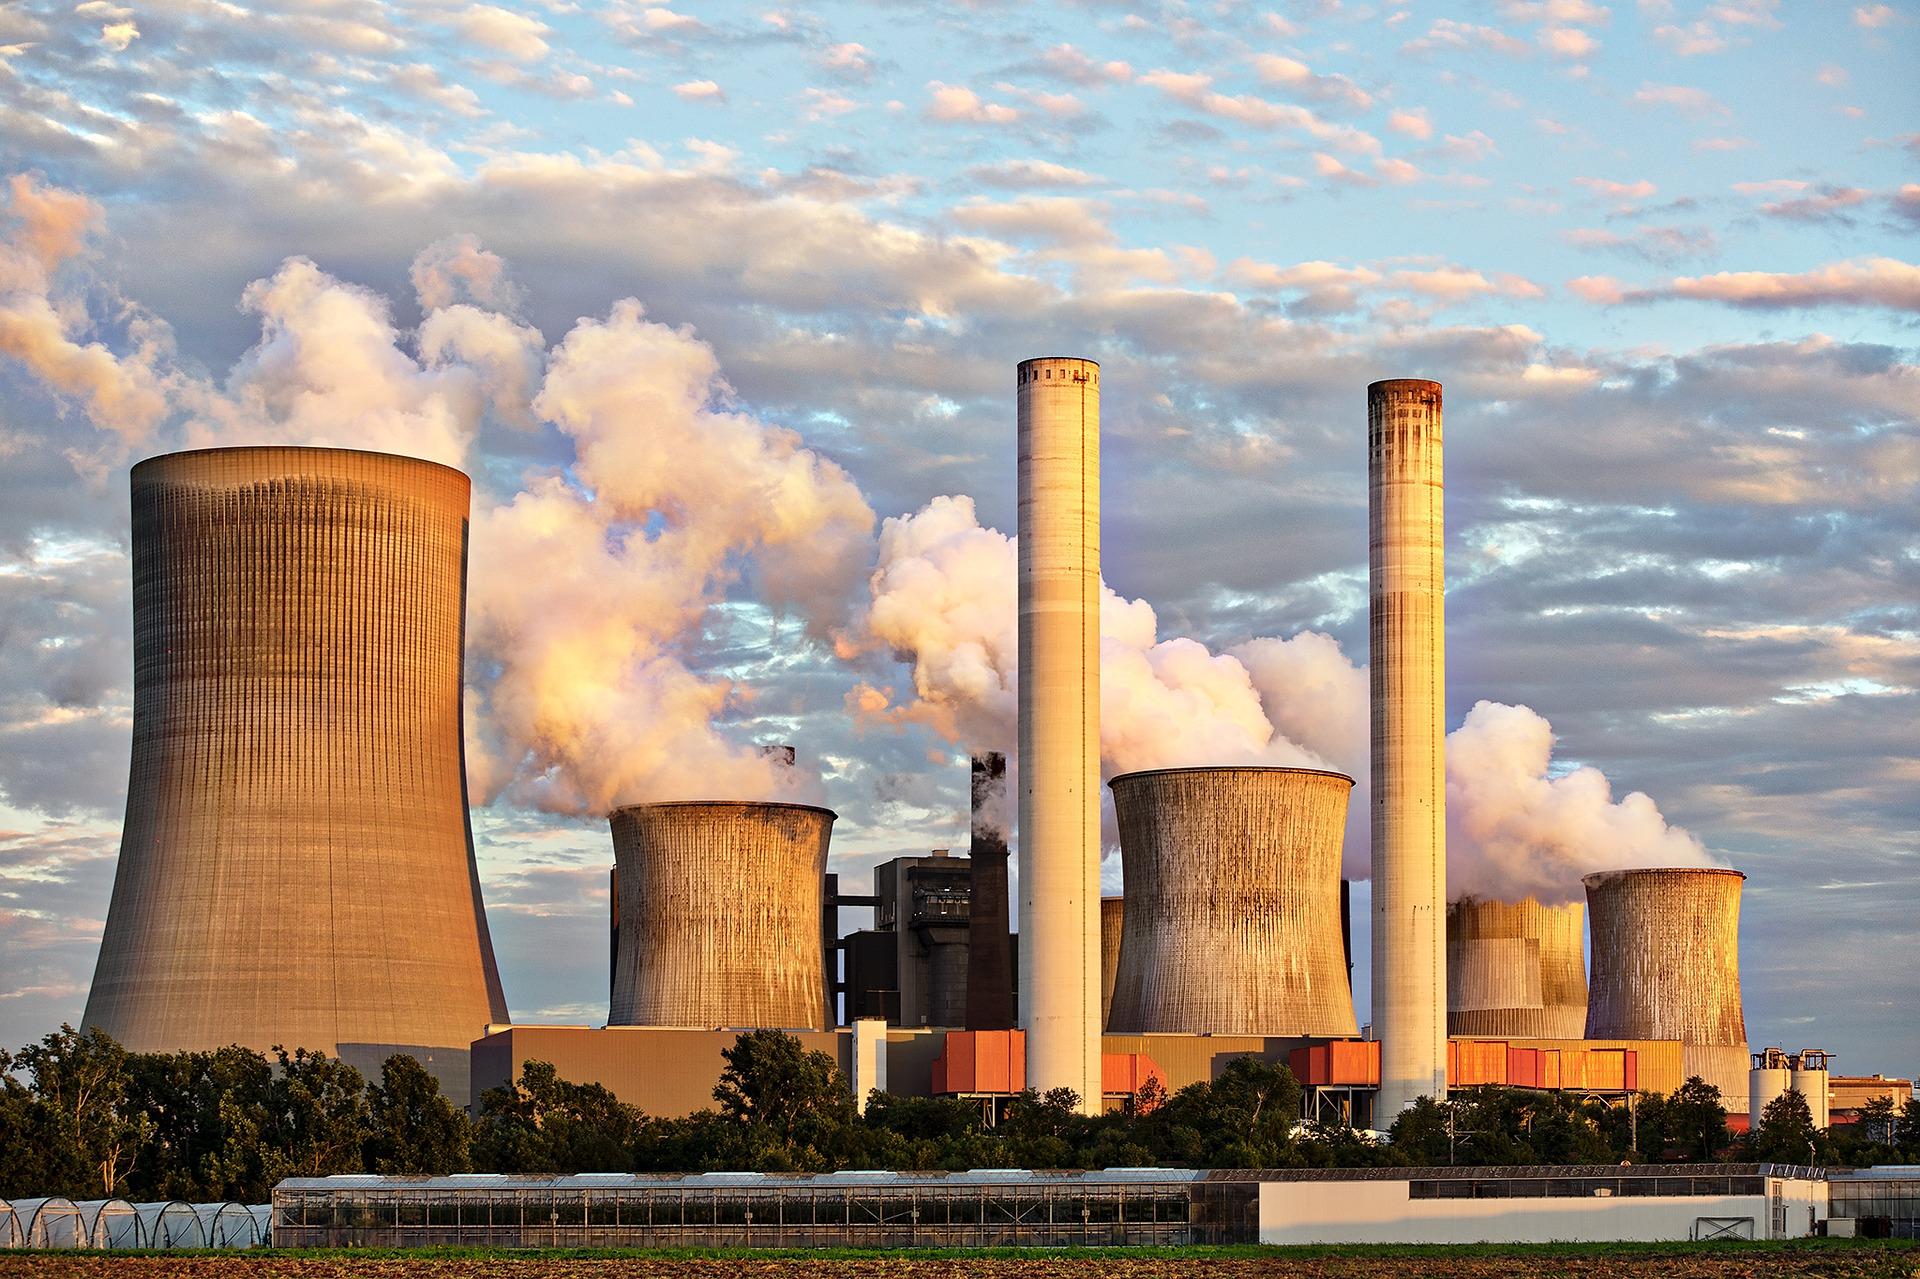 Tarkoituksena on myös jatkossa kiinnittää enemmän huomiota hiilineutraaliuteen ja viheralueiden kehittämiseen etenkin uusilla asuinalueilla.